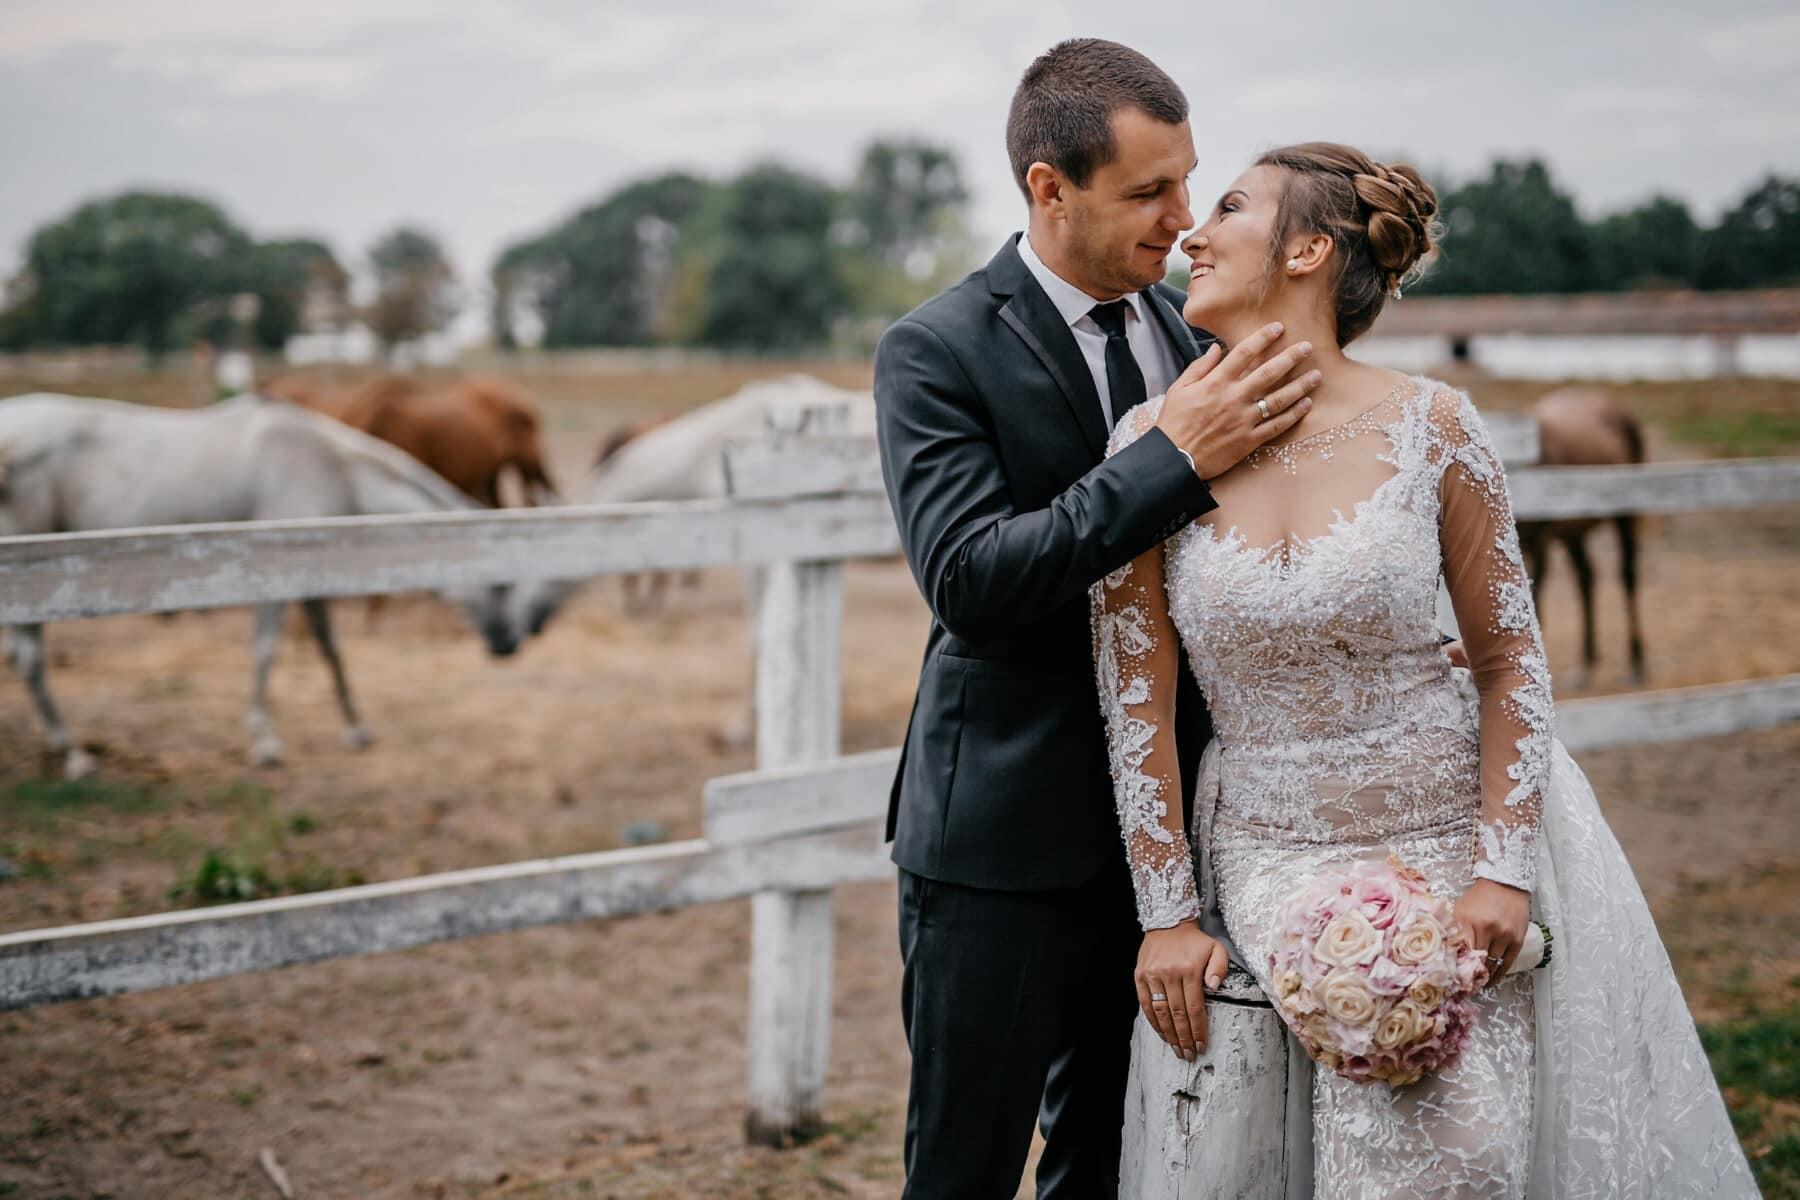 la mariée, village, jeune marié, bouquet de mariage, salle de mariage, robe de mariée, chevaux, homme, amour, couple